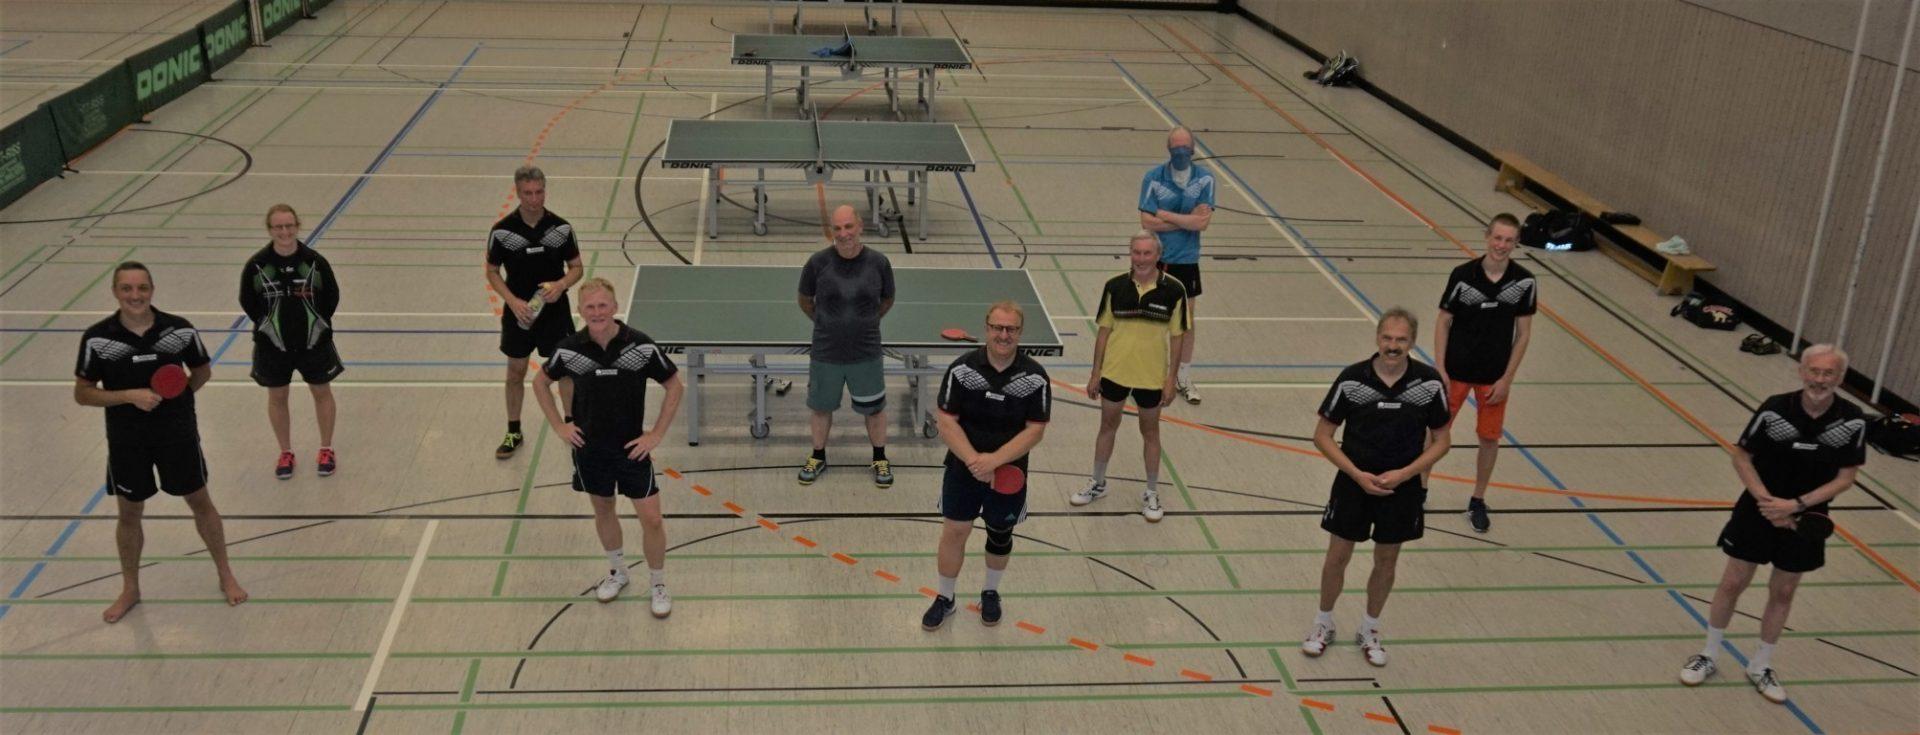 2020 Tischtennis fm